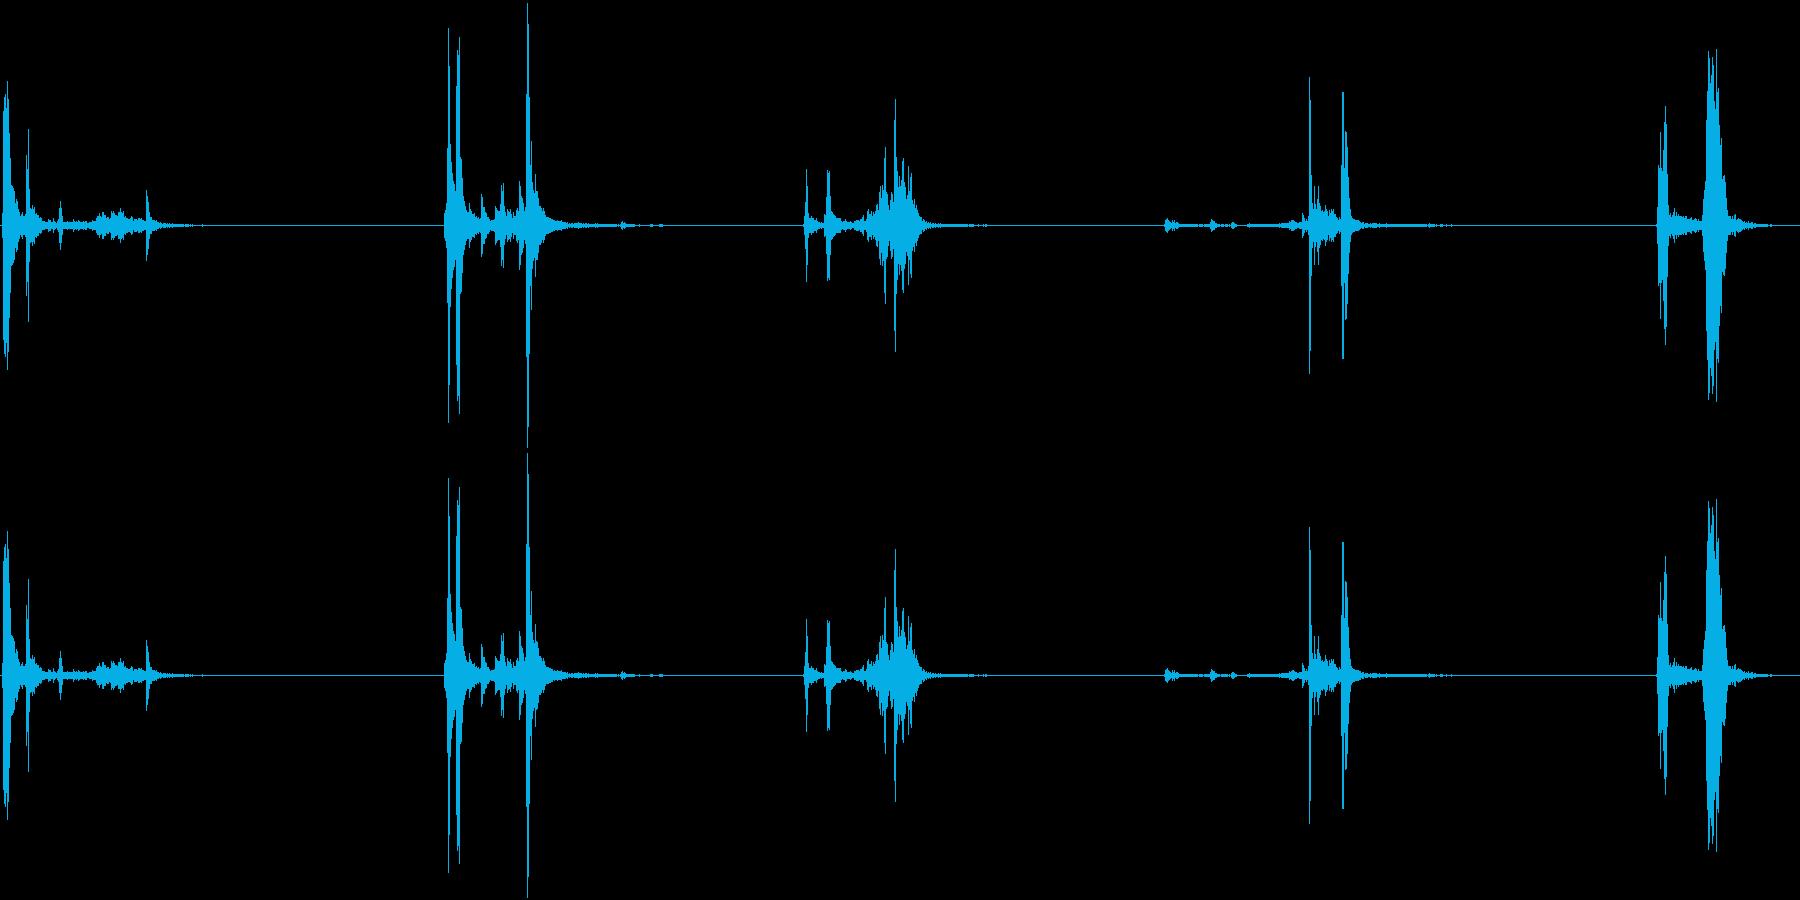 キュッキュッ(小さめの水筒を閉める音)2の再生済みの波形